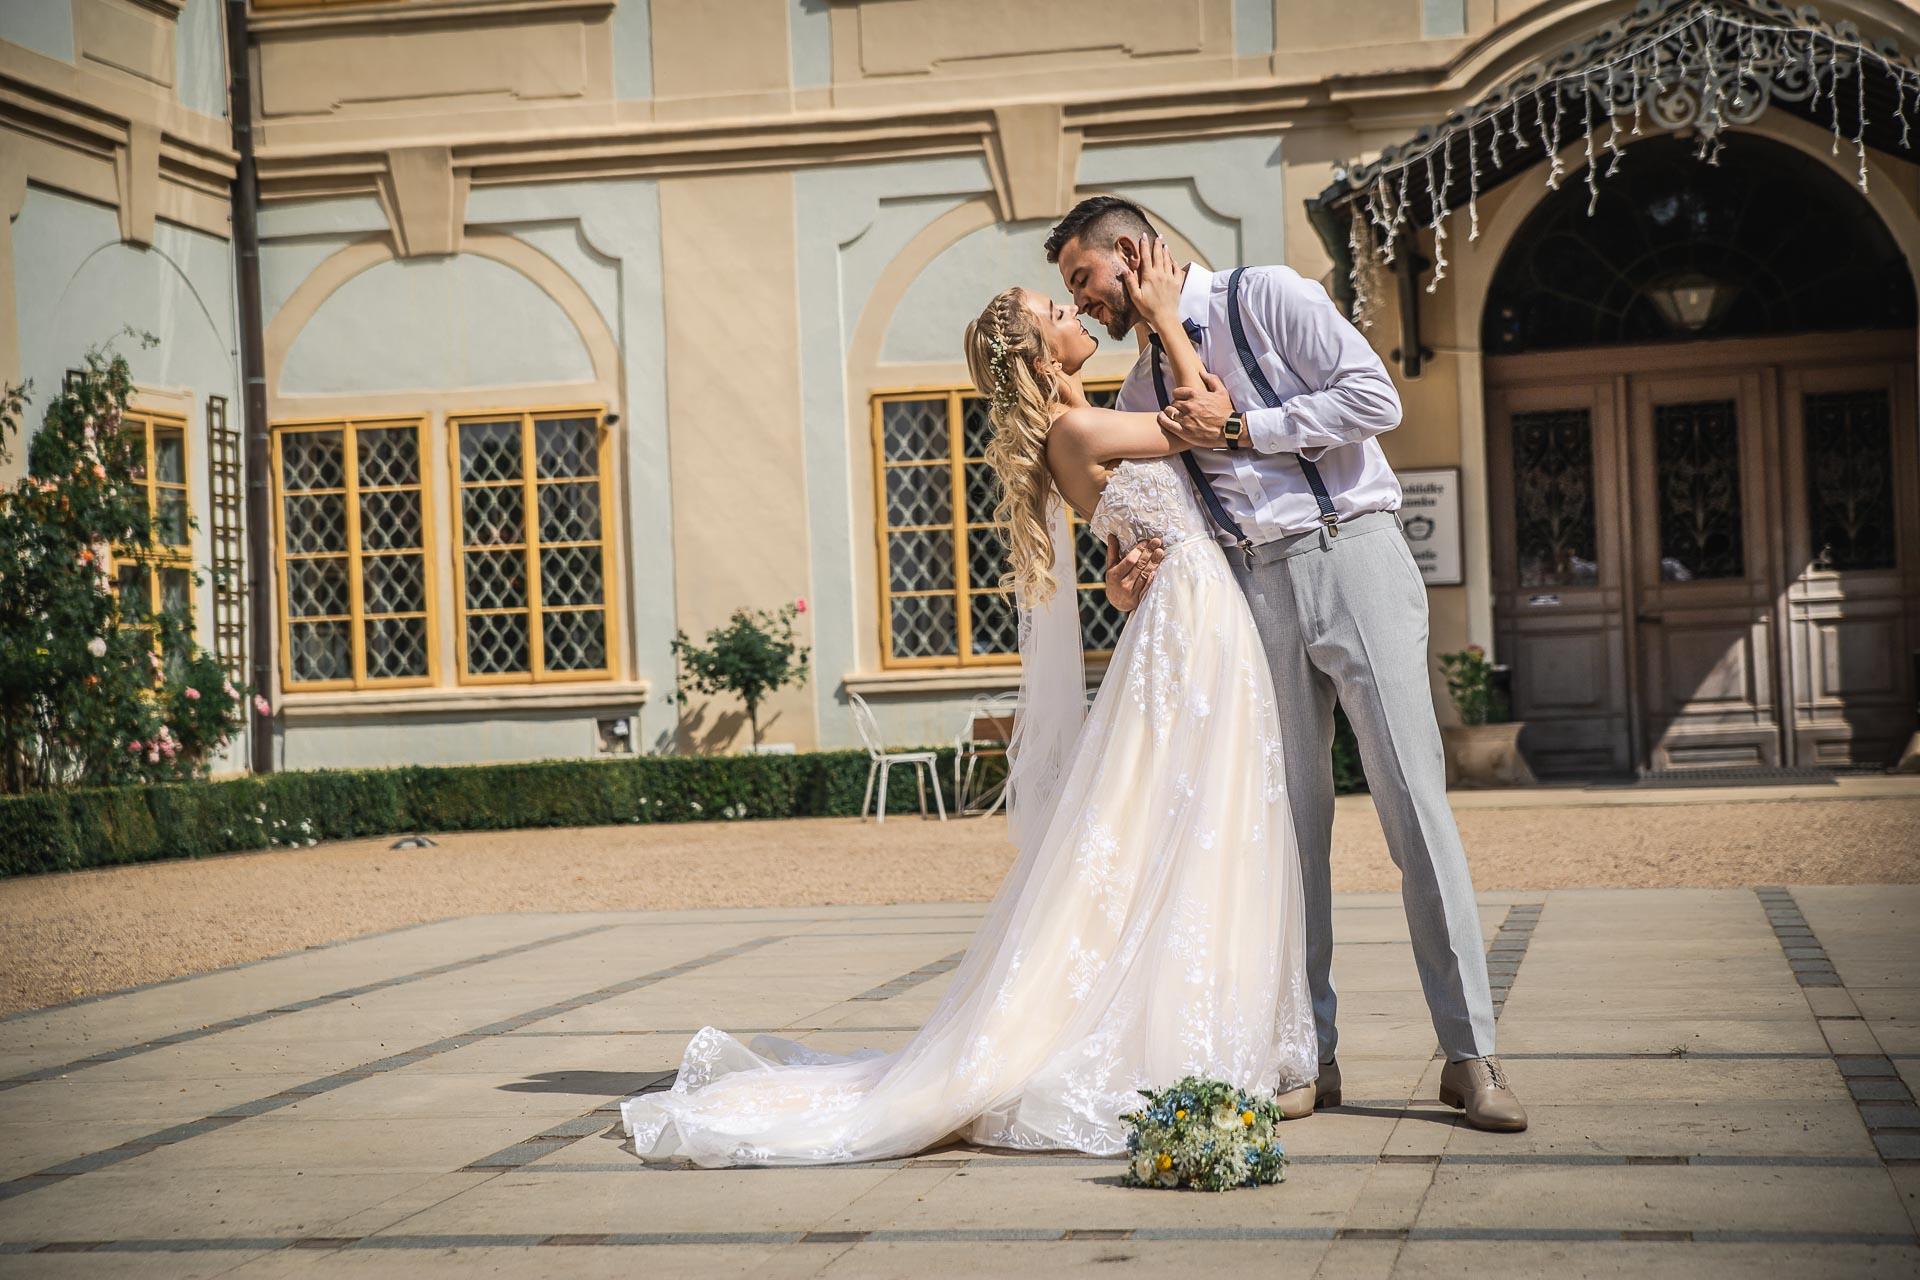 svatební-fotograf-zámek-Loučeň-svatební-video-zámek-Loučeň-4233